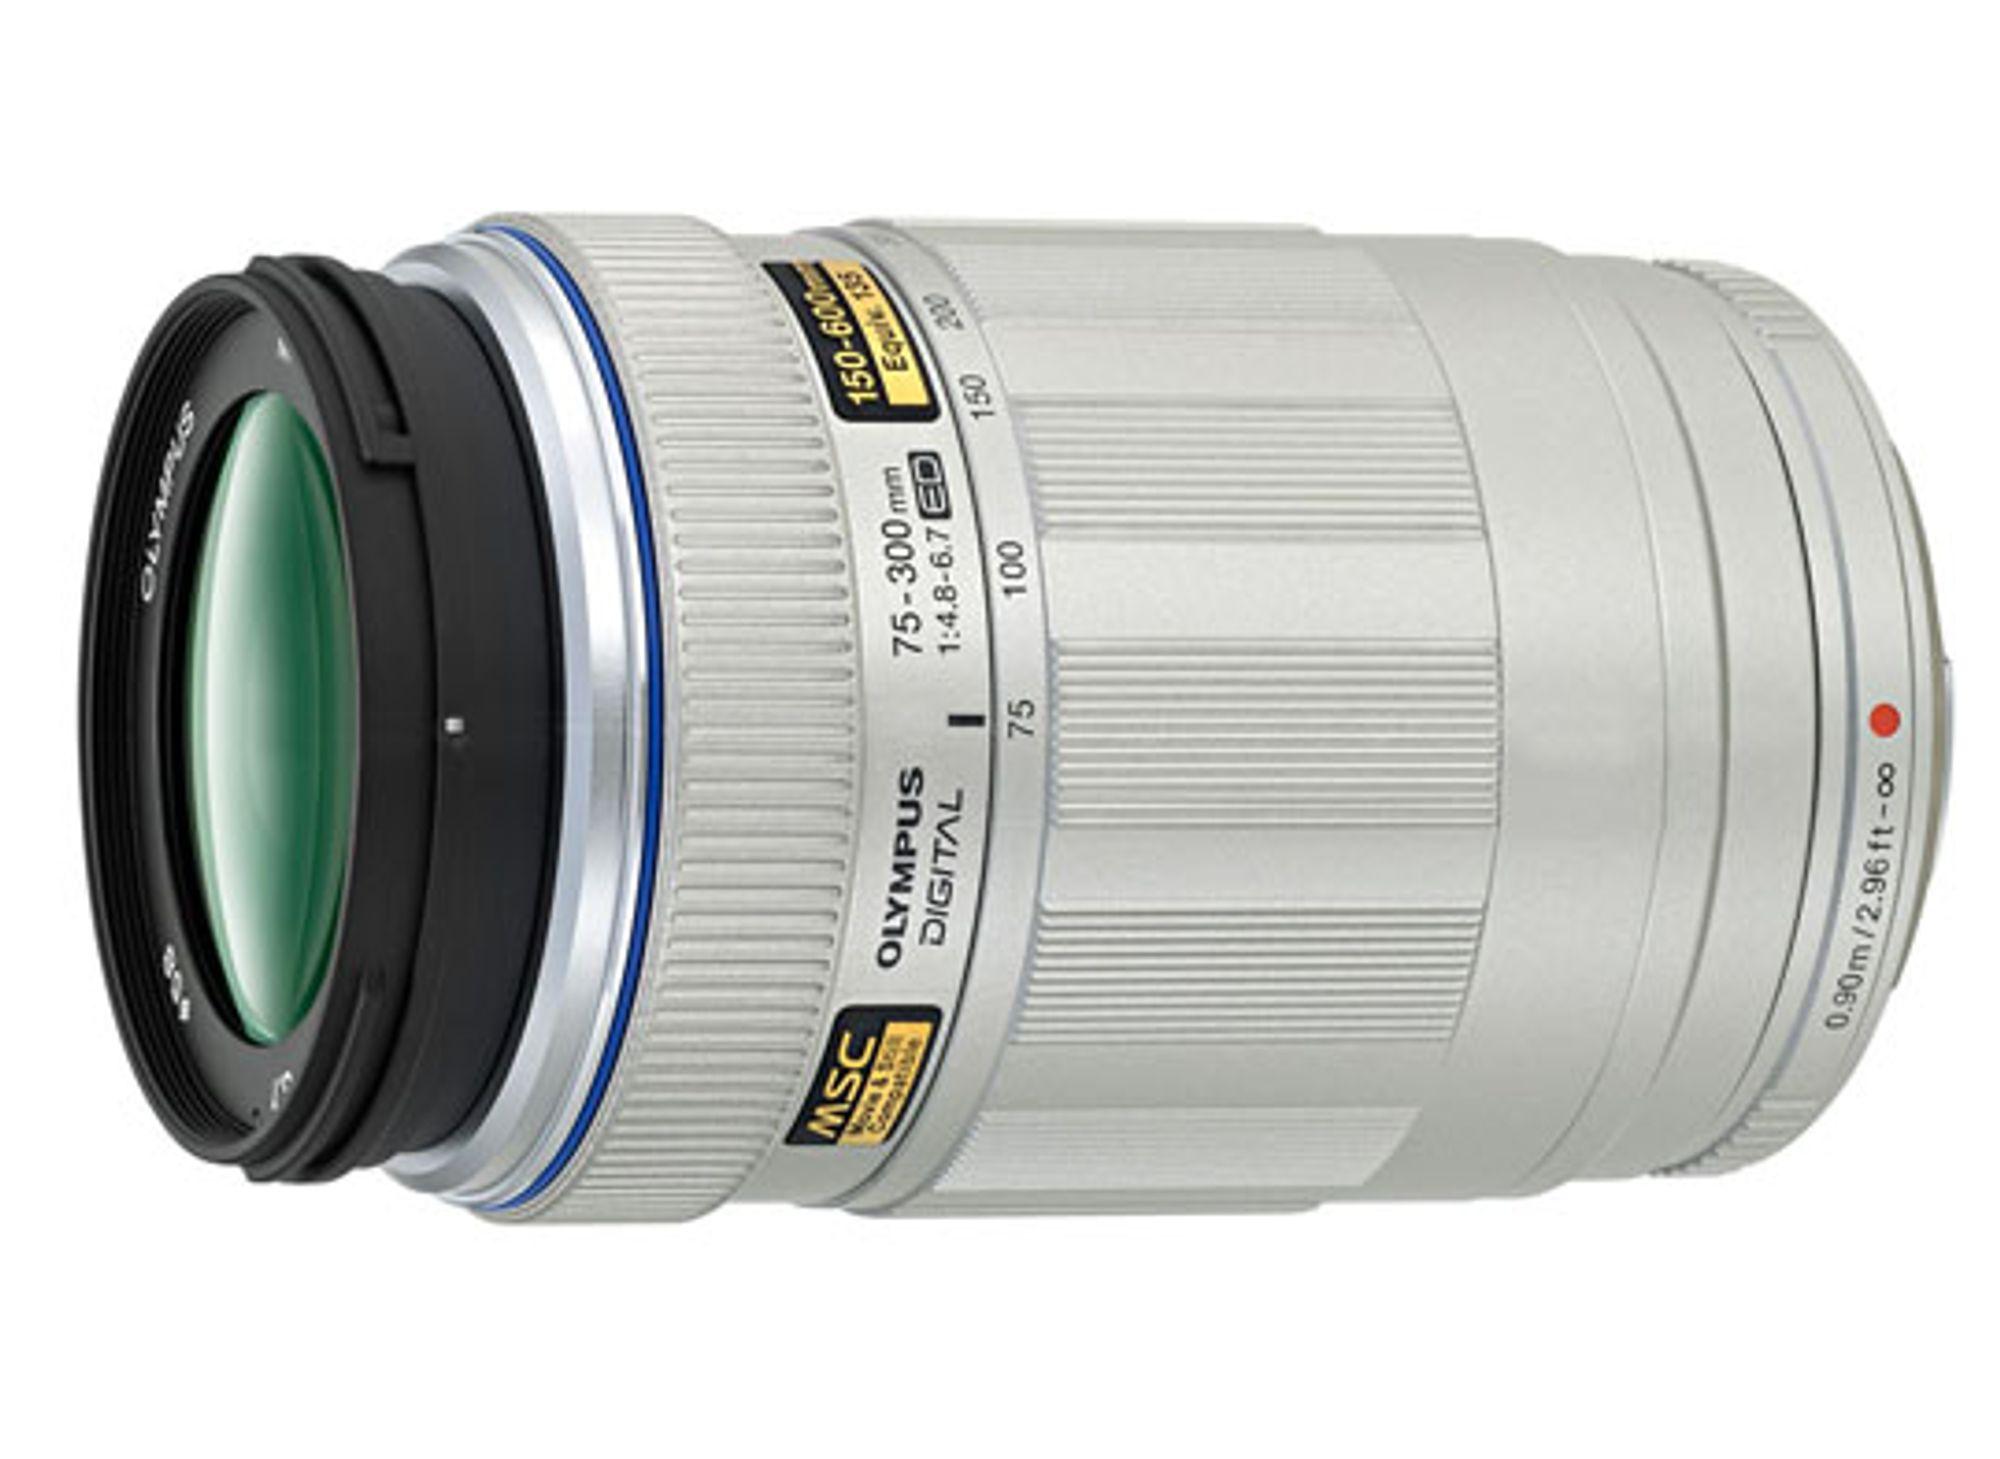 M.Zuiko Digital ED 75-300mm 1:4.8-6.7